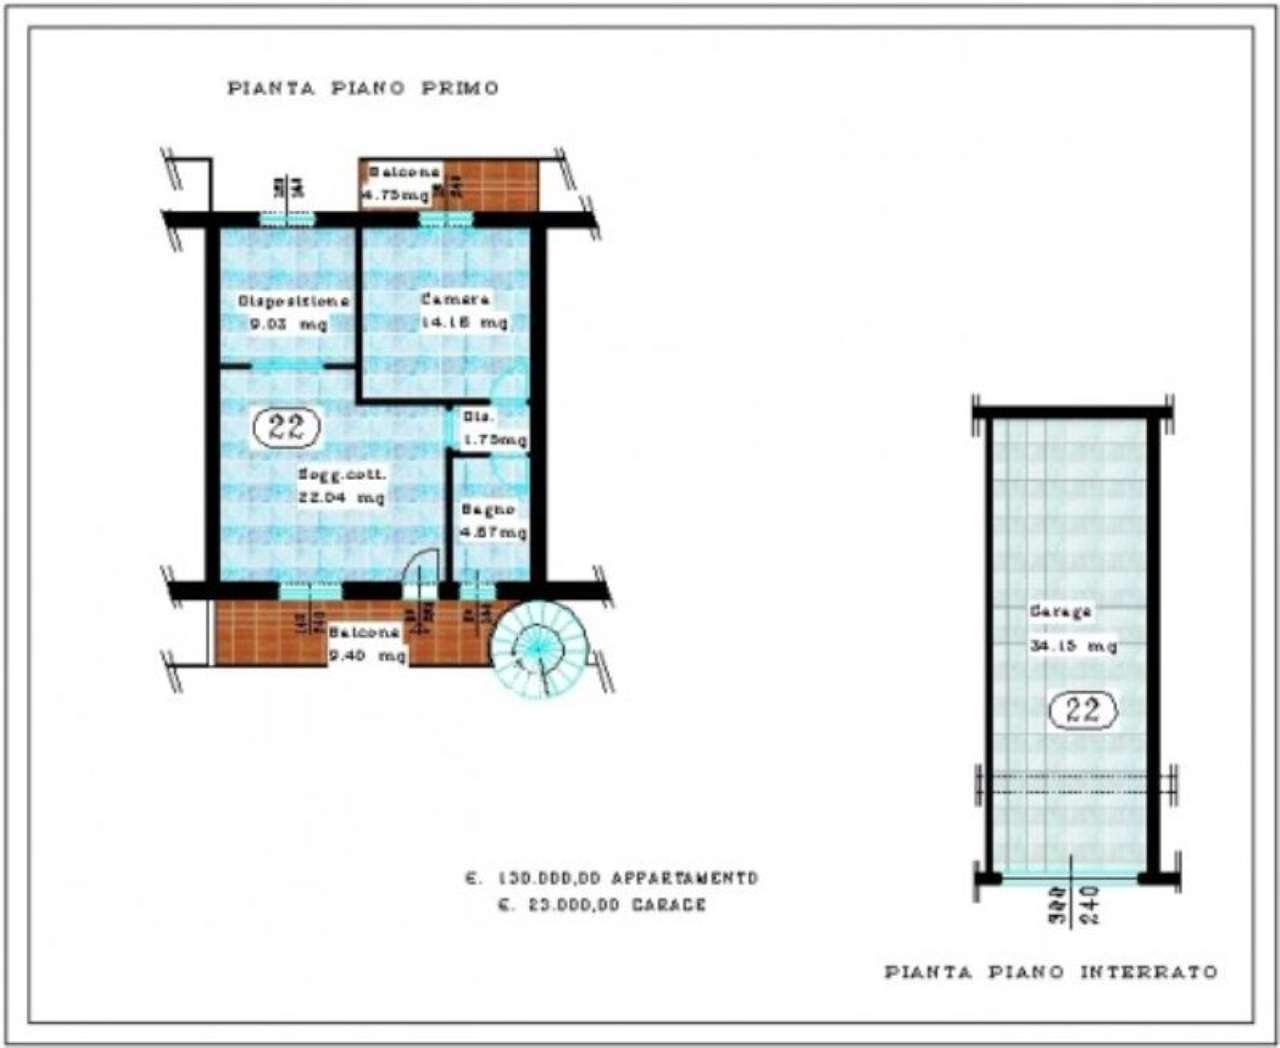 Appartamento in vendita a Capriano del Colle, 9999 locali, prezzo € 99.000 | PortaleAgenzieImmobiliari.it